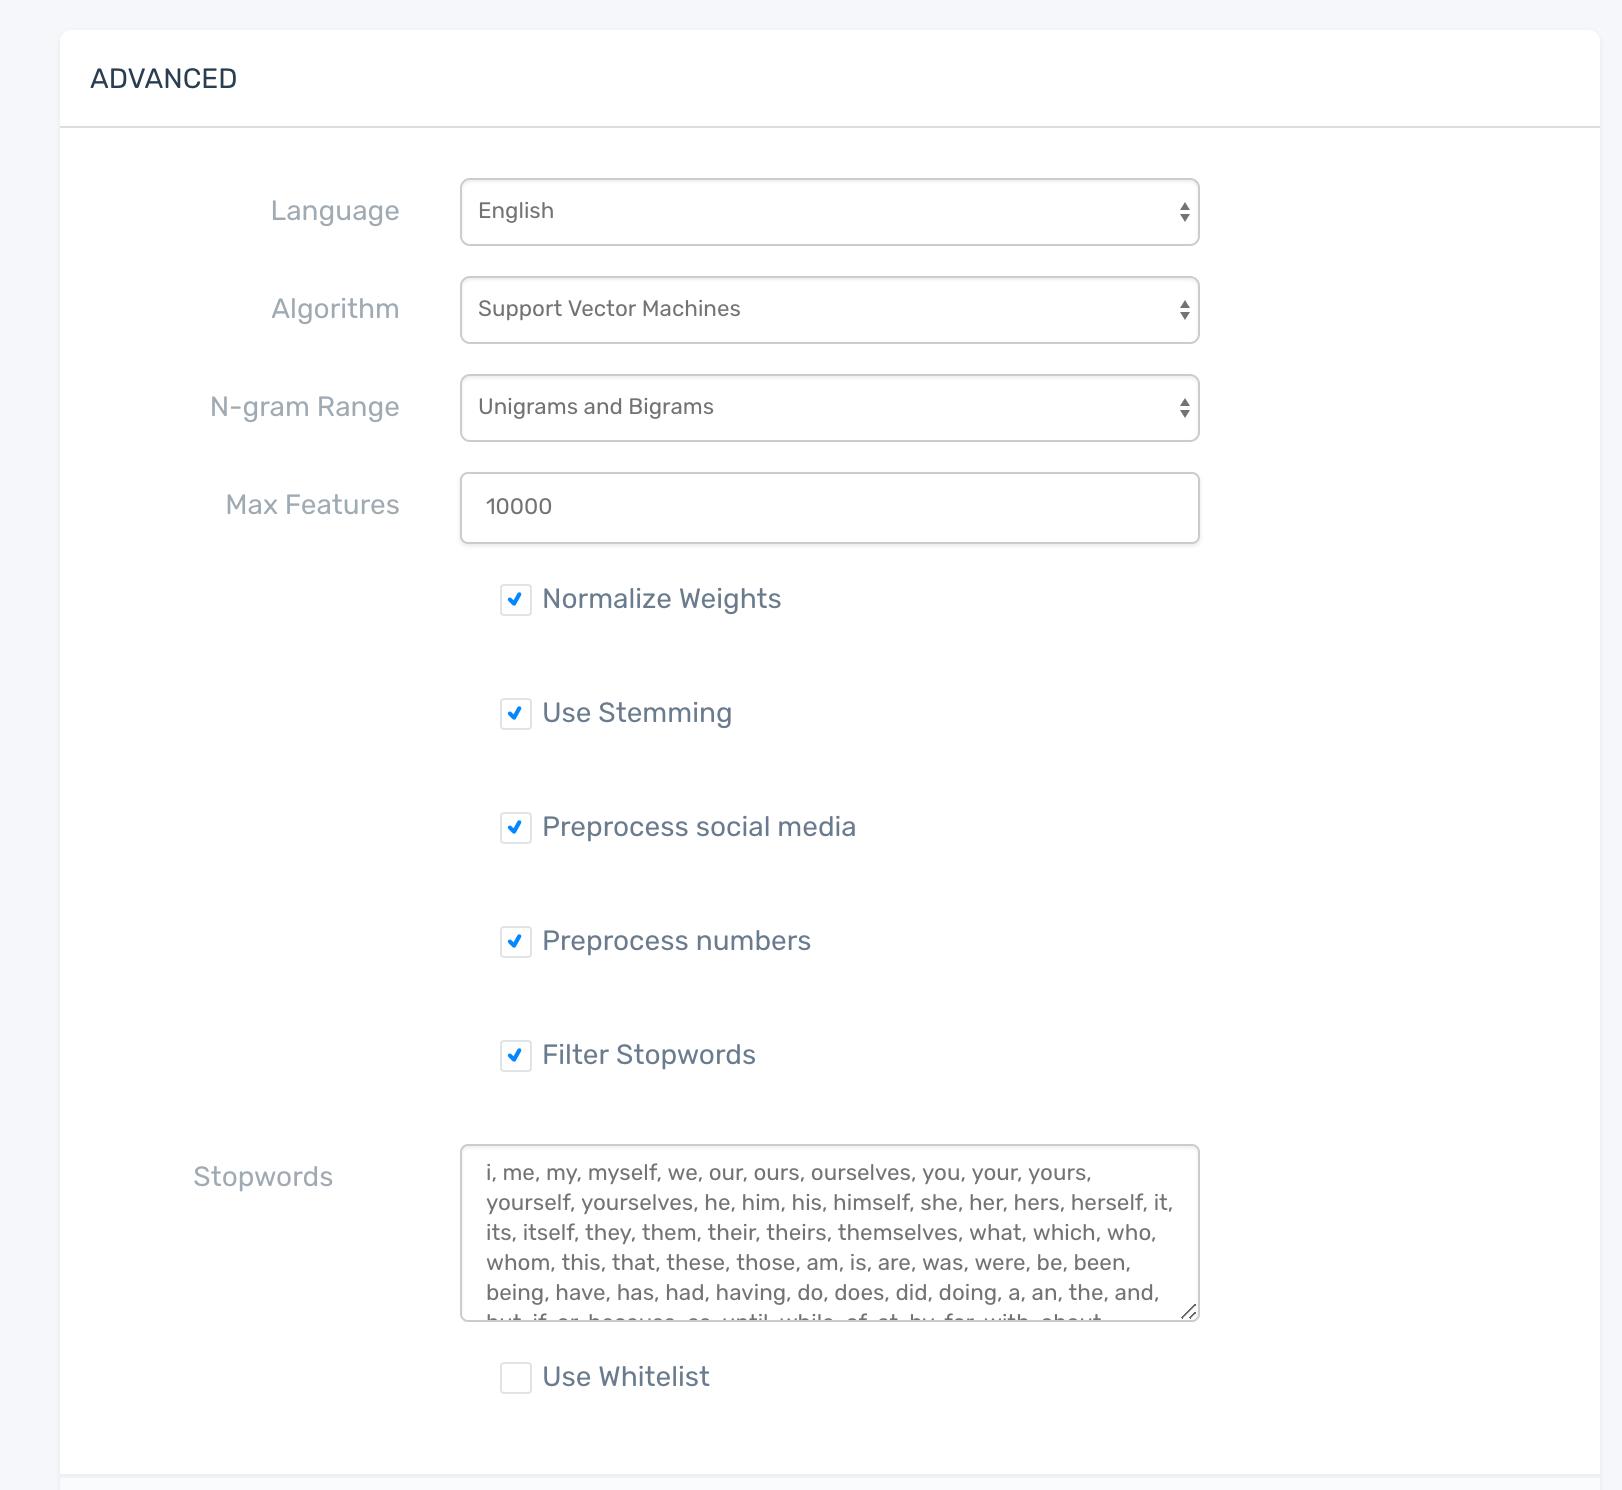 Classifier settings